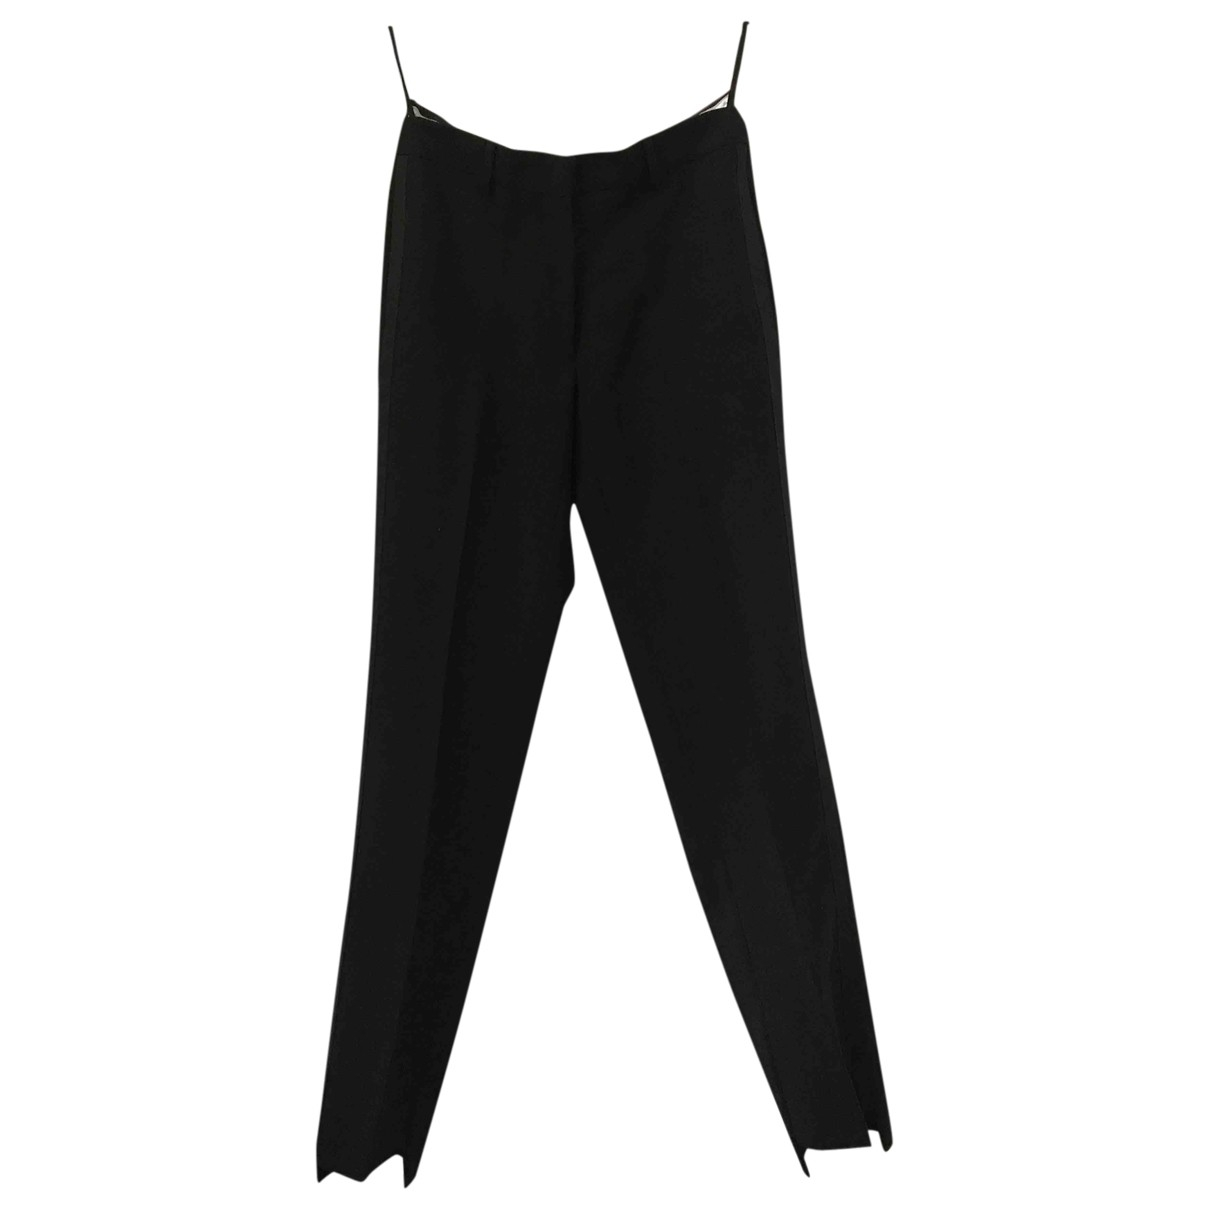 Maison Martin Margiela \N Black Wool Trousers for Women 42 IT